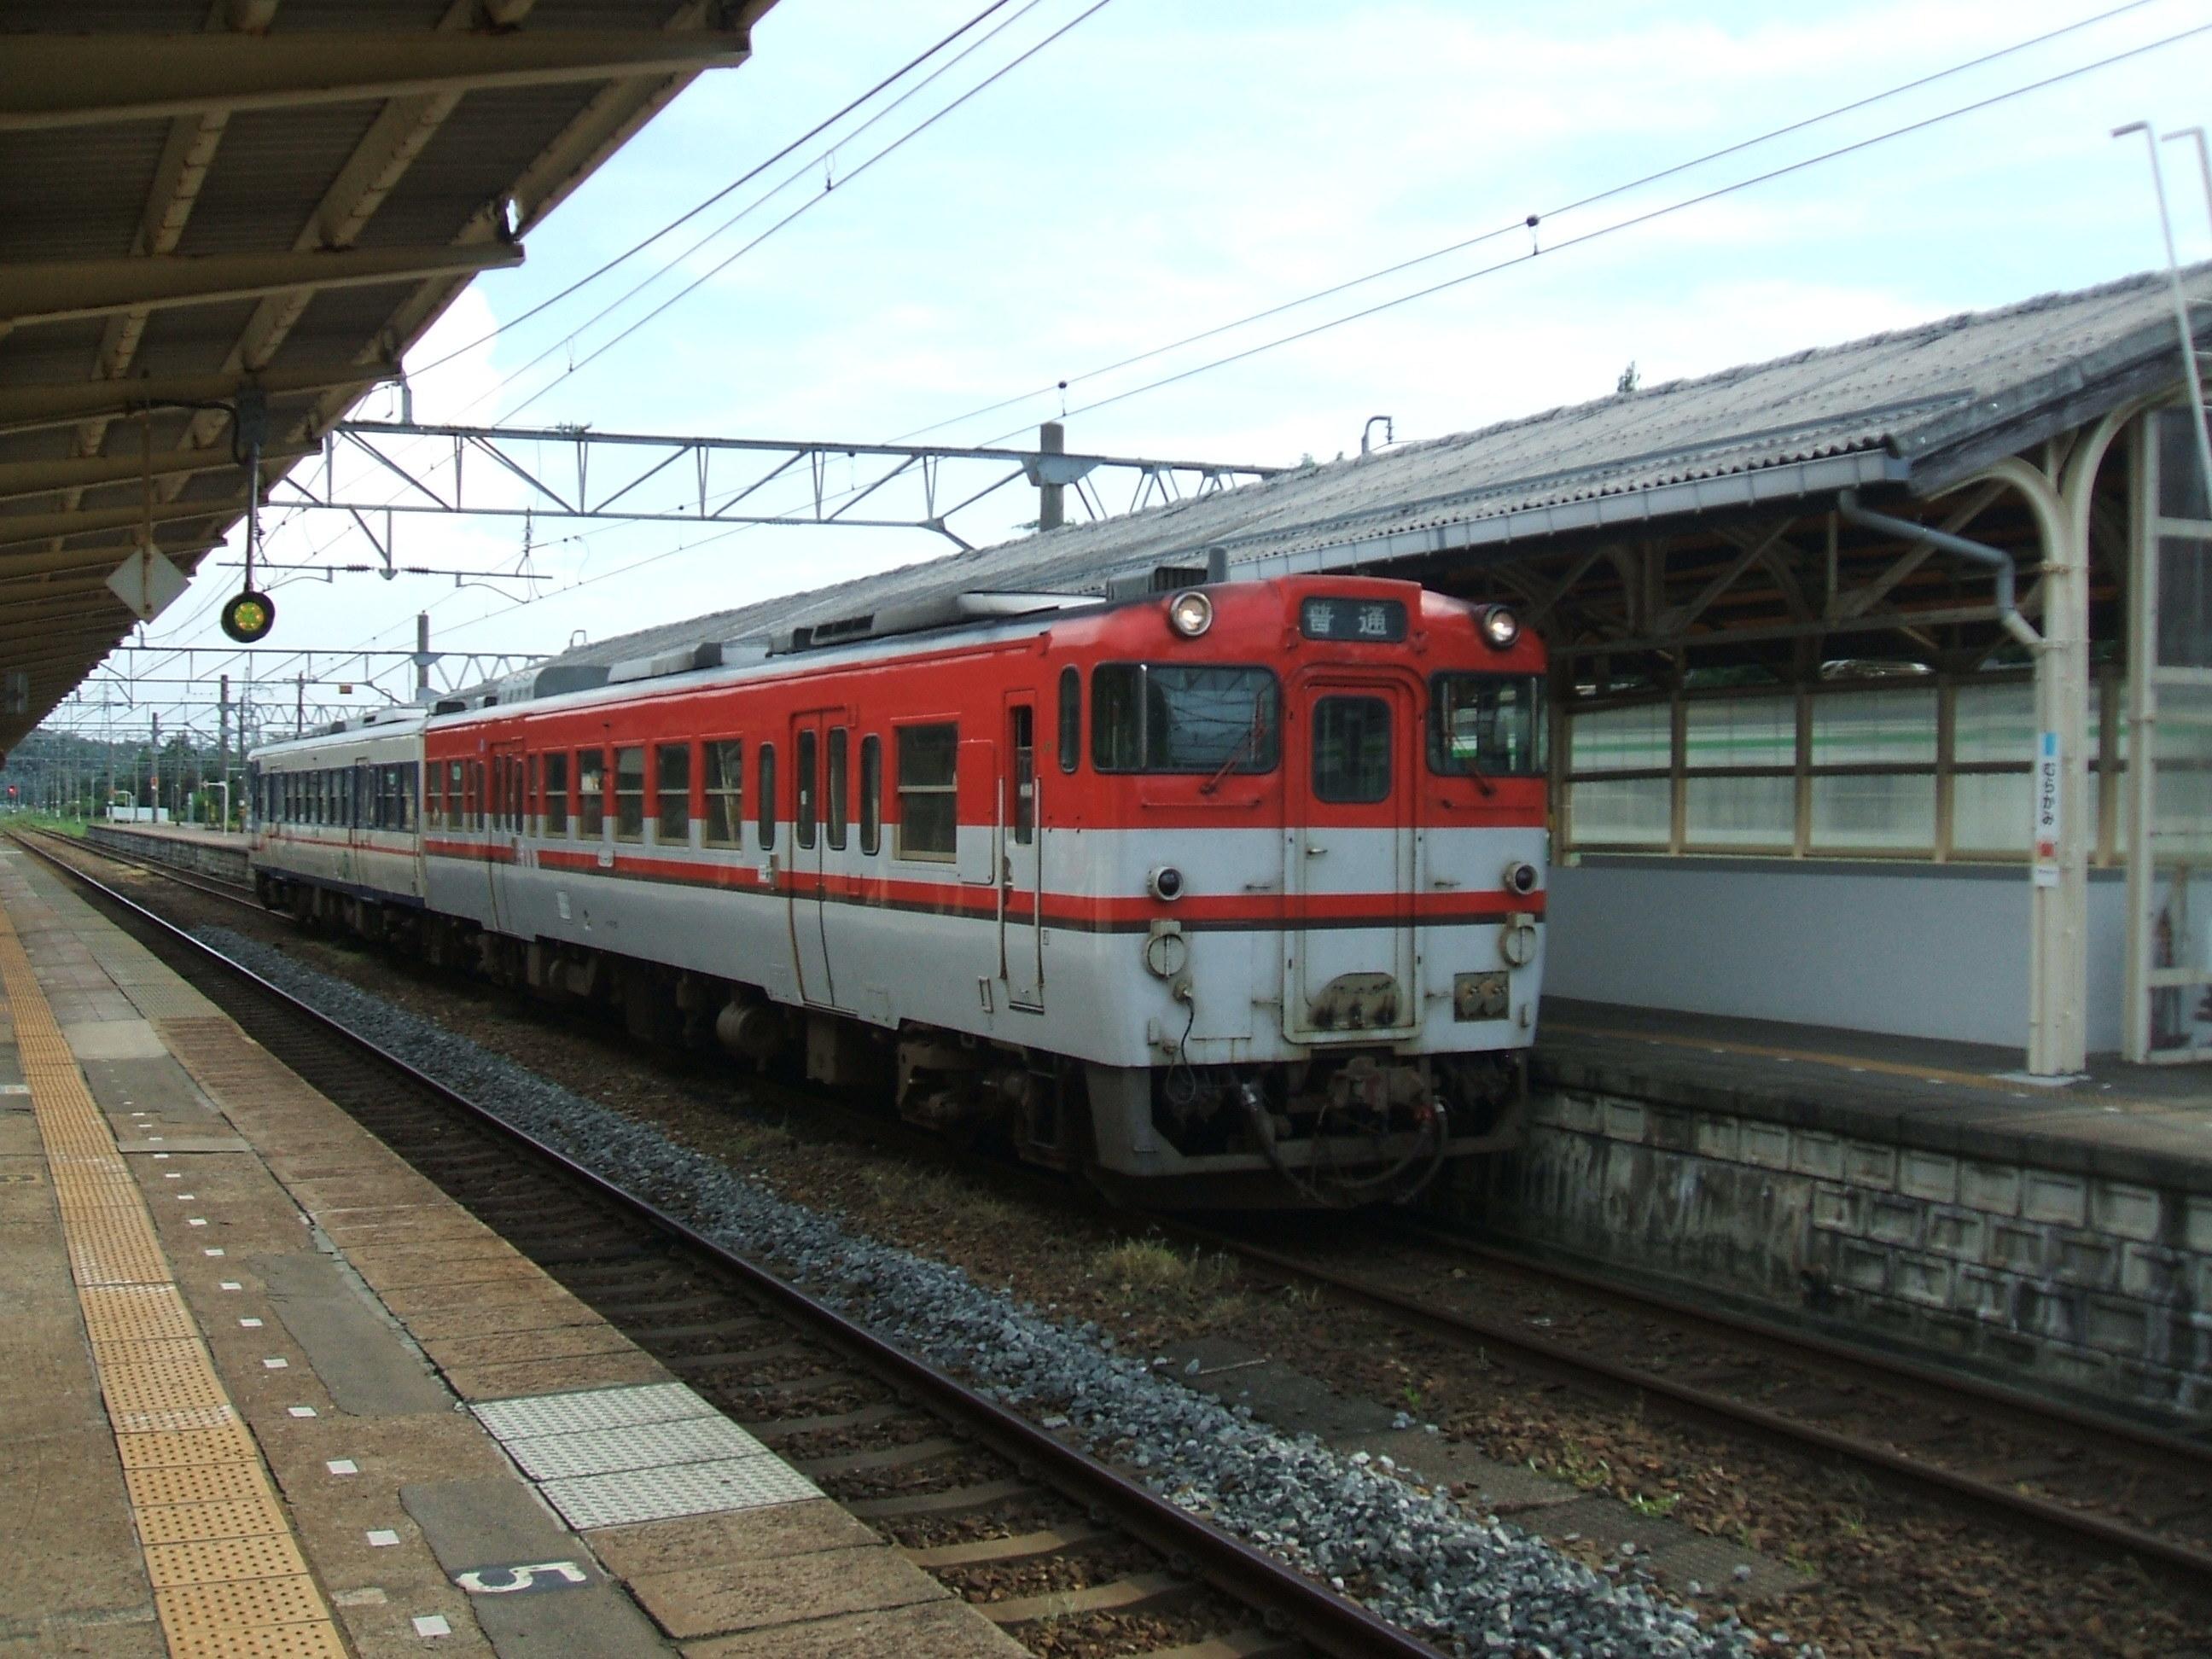 DSCF2605.jpg